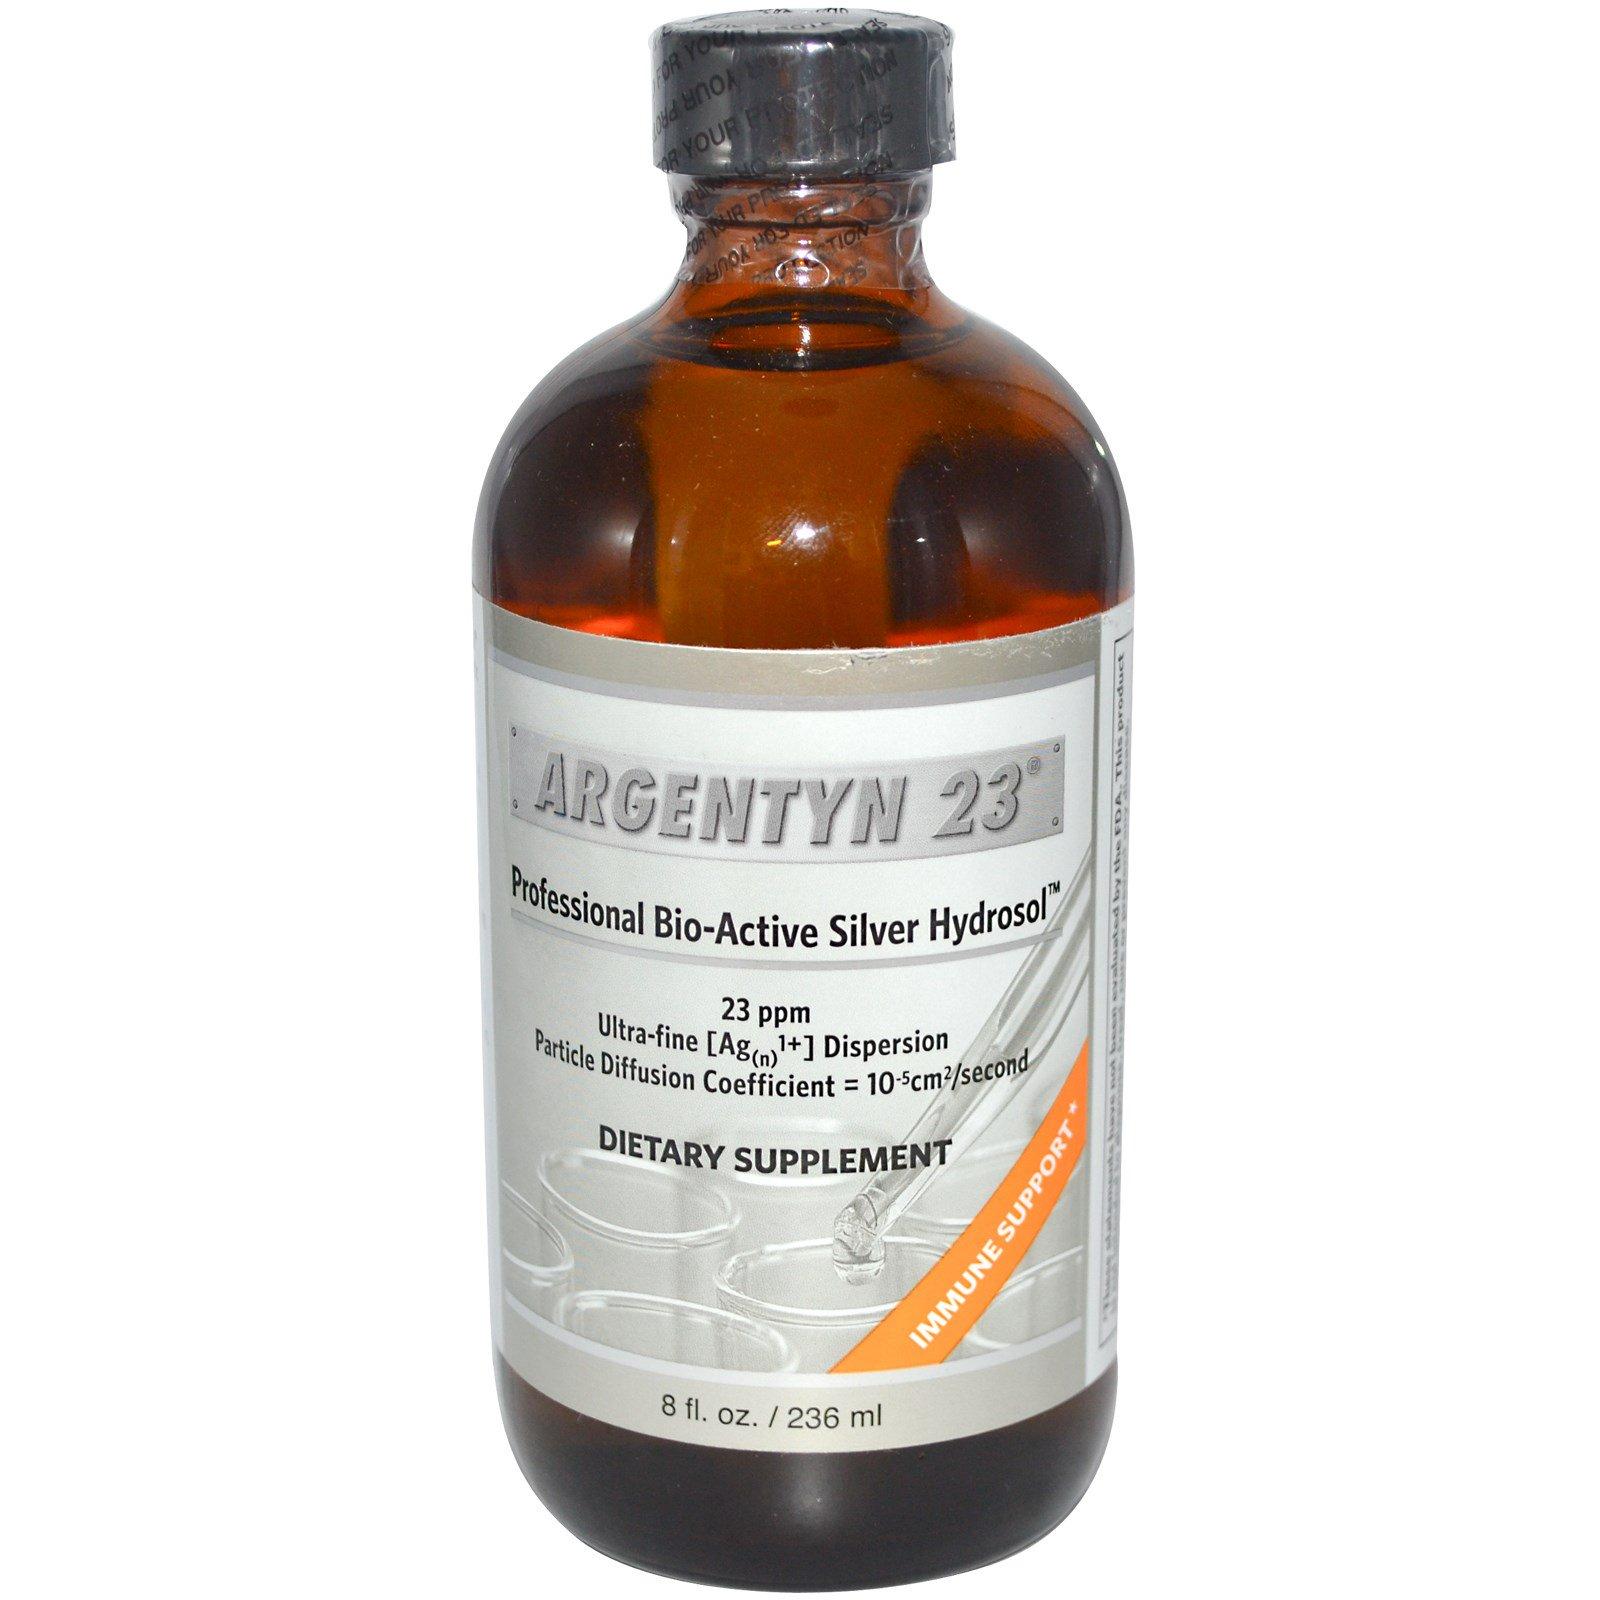 Allergy Research Group, Argentyn 23, Профессиональный био-активный серебряный гидрозоль, 8 жидких унций (236 мл)